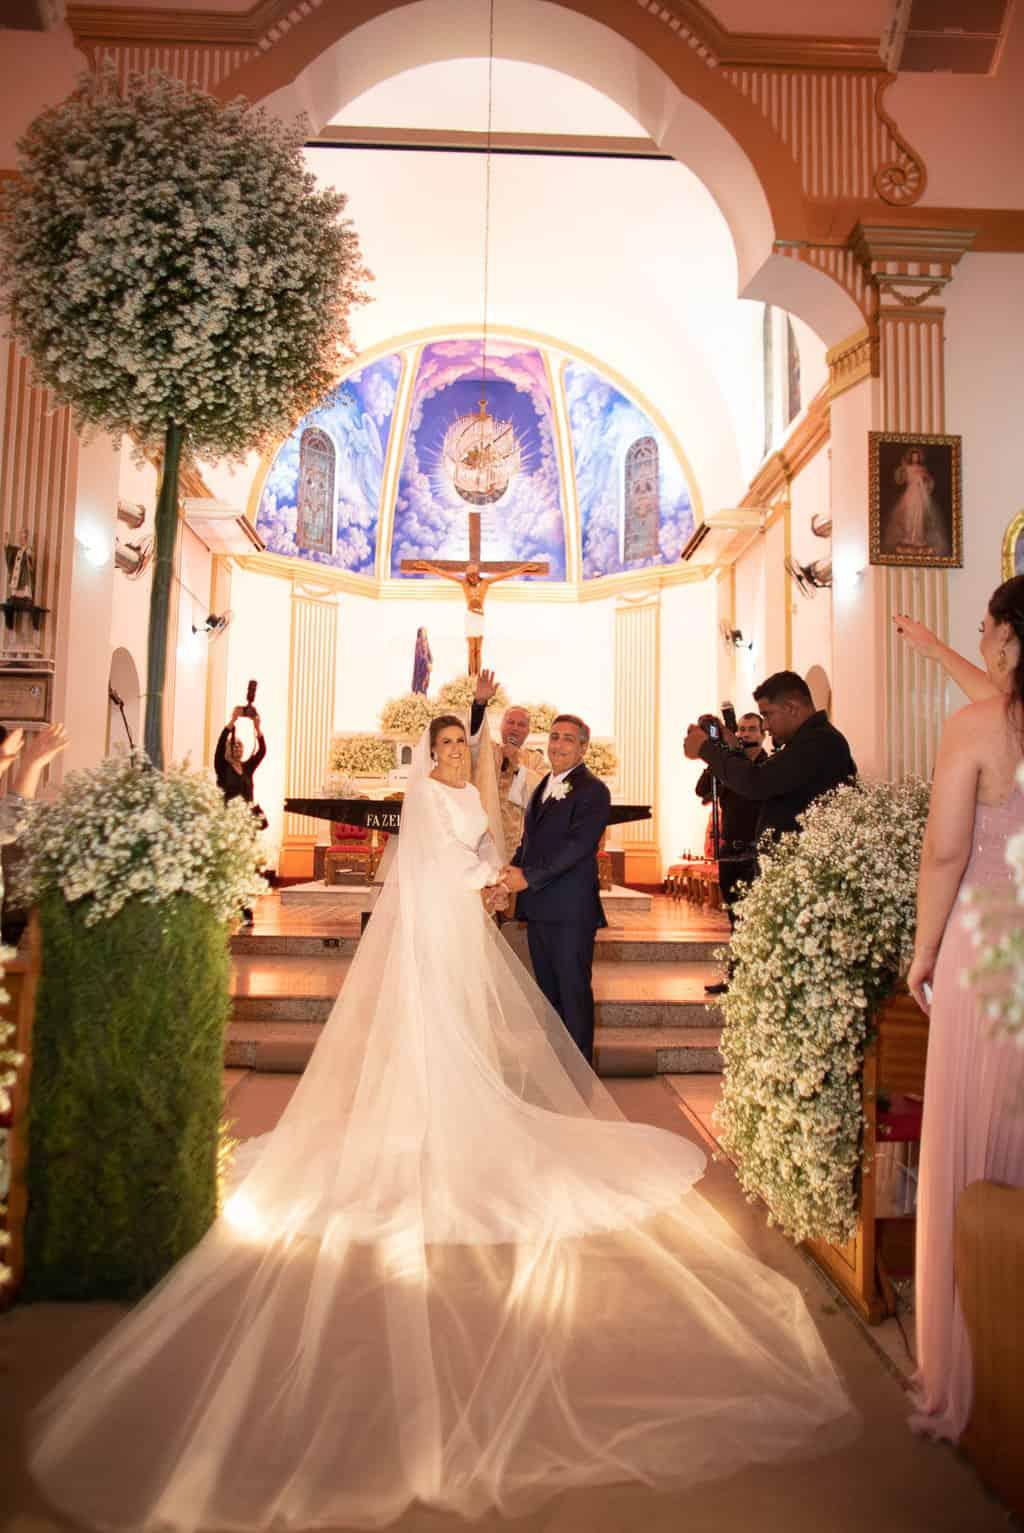 Casamento-Claudia-e-Afonso-Golden-Class-Regina-Aoki-Eurides-Aoki-Carol-Rezek-Renata-Velloso-33